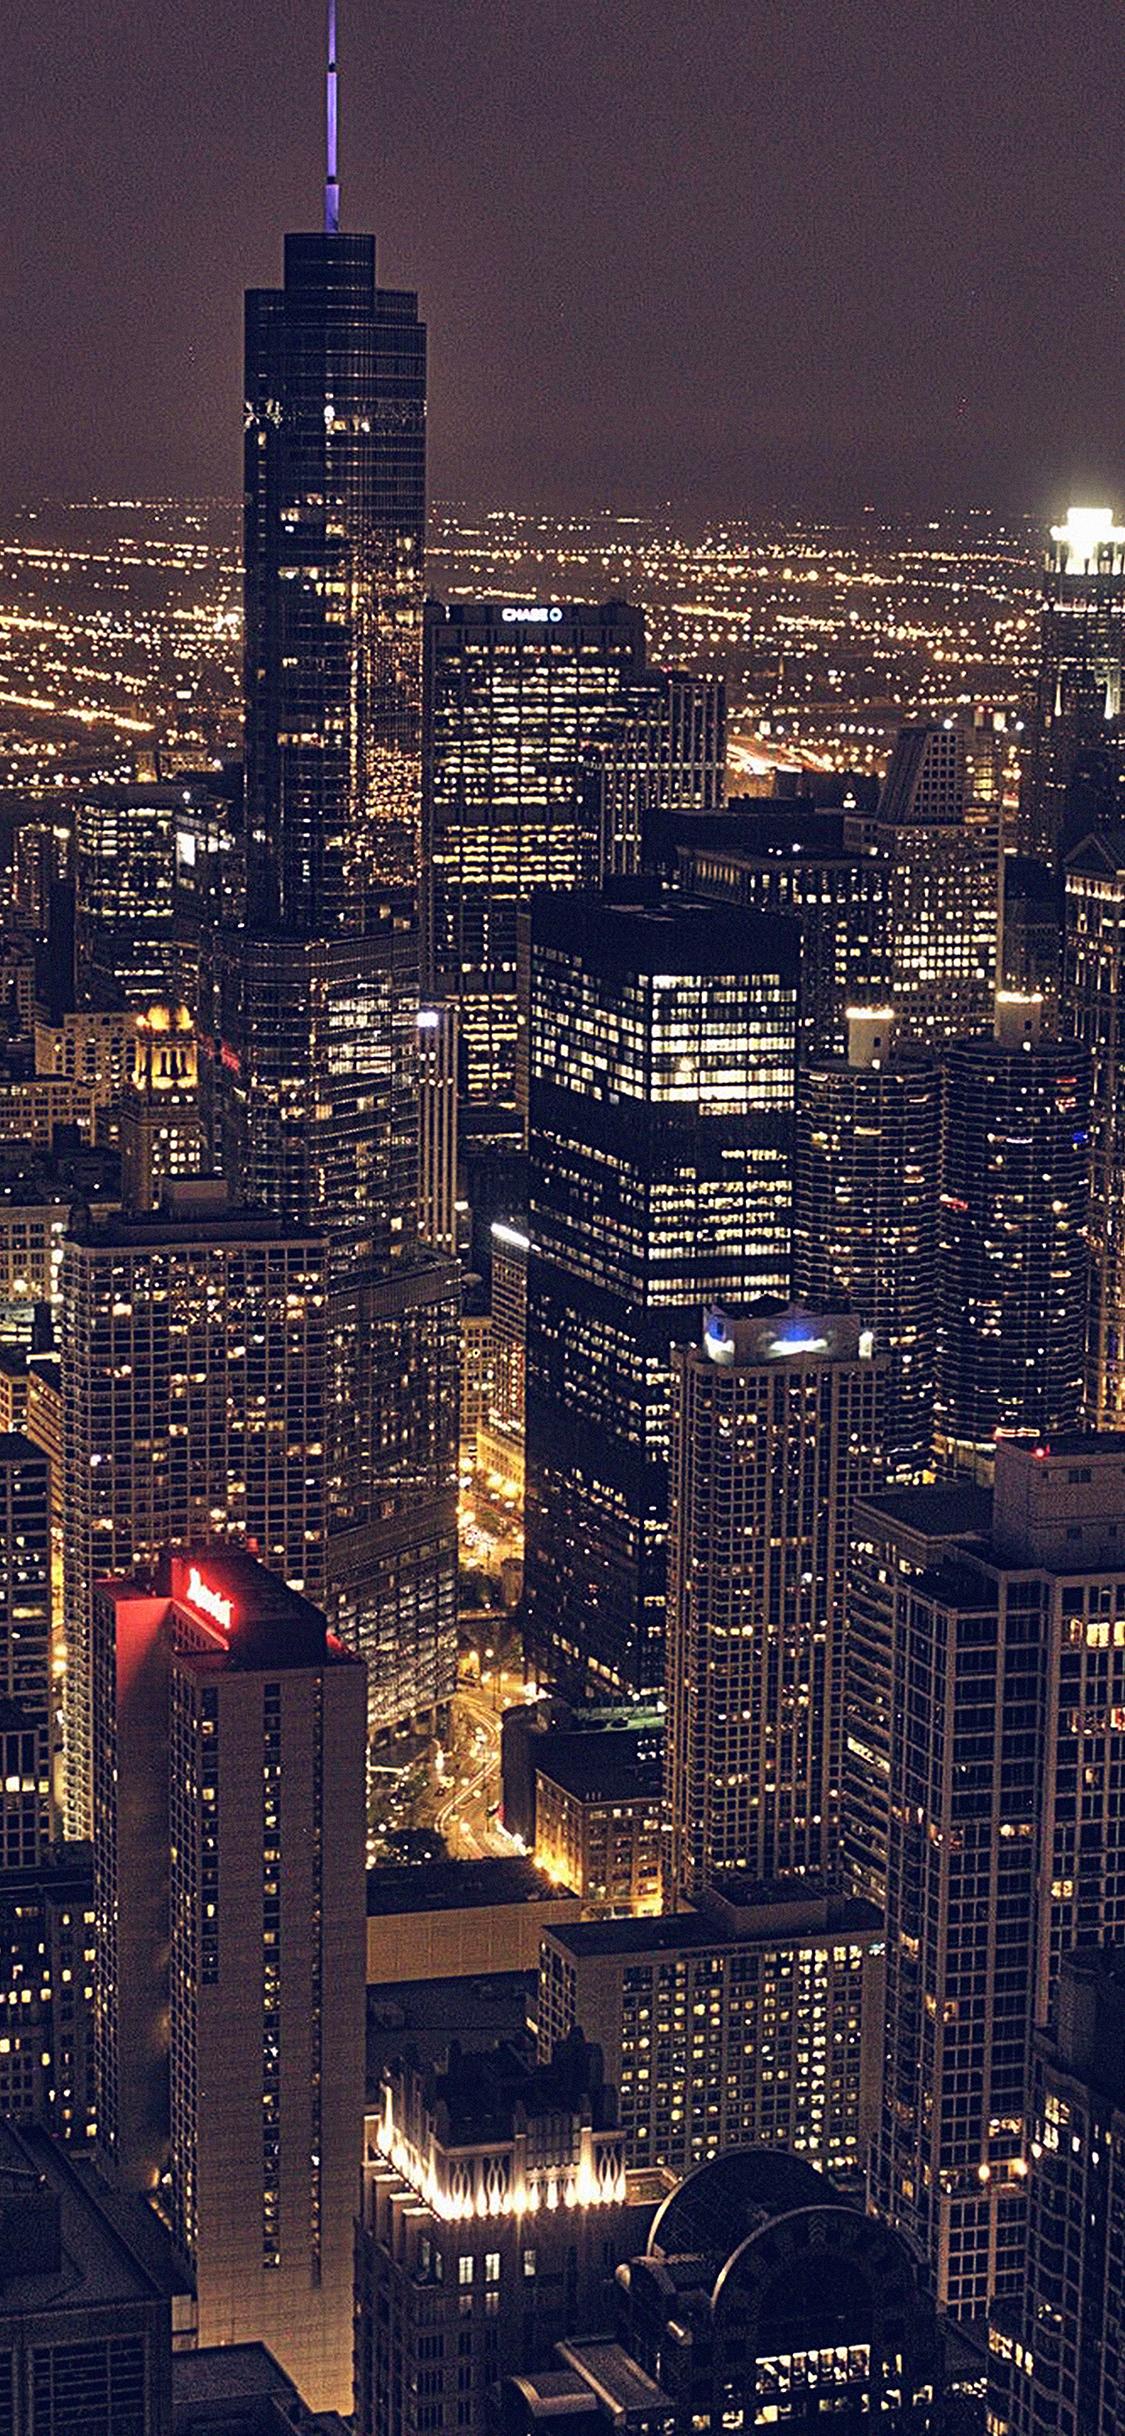 Iphonexpapers Ml83 City View Night Dark